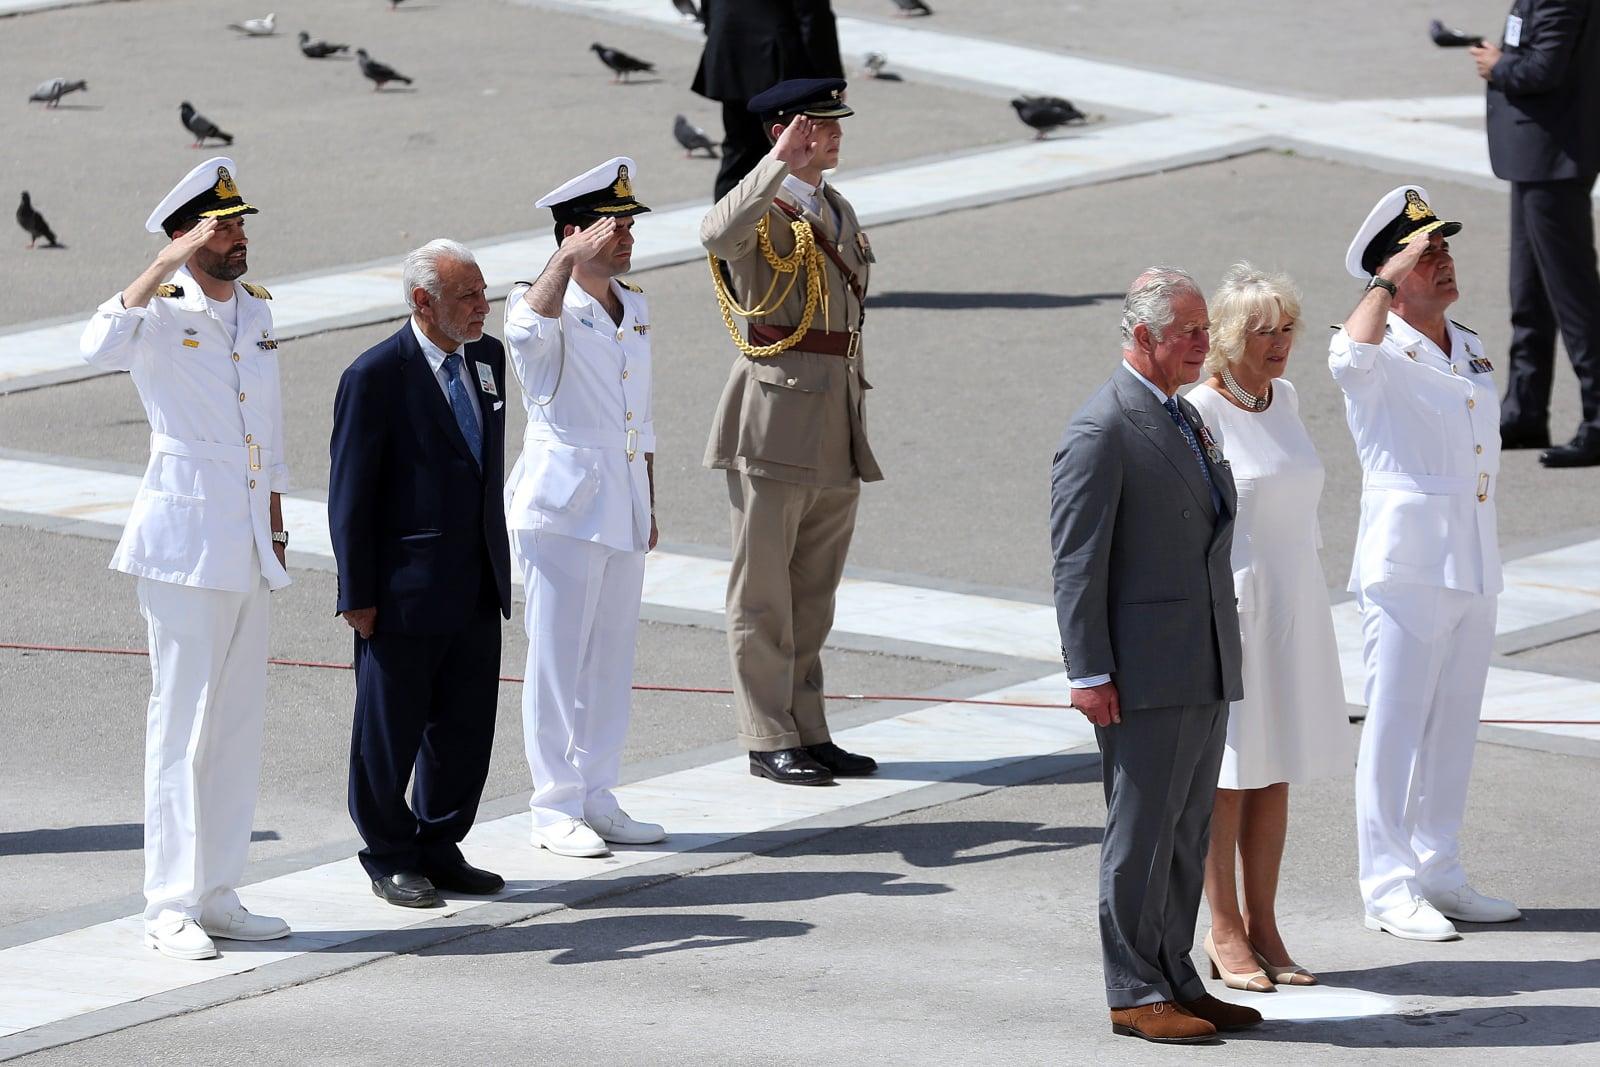 Brytyjski książę Karol, książę Walii i jego żona Camilla, księżna Kornwalii złożyli wieniec przy Grobie Nieznanego Żołnierza na placu Syntagma podczas trzydniowej oficjalnej wizyty w Grecji, fot. EPA/ORESTIS PANAGIOTOU